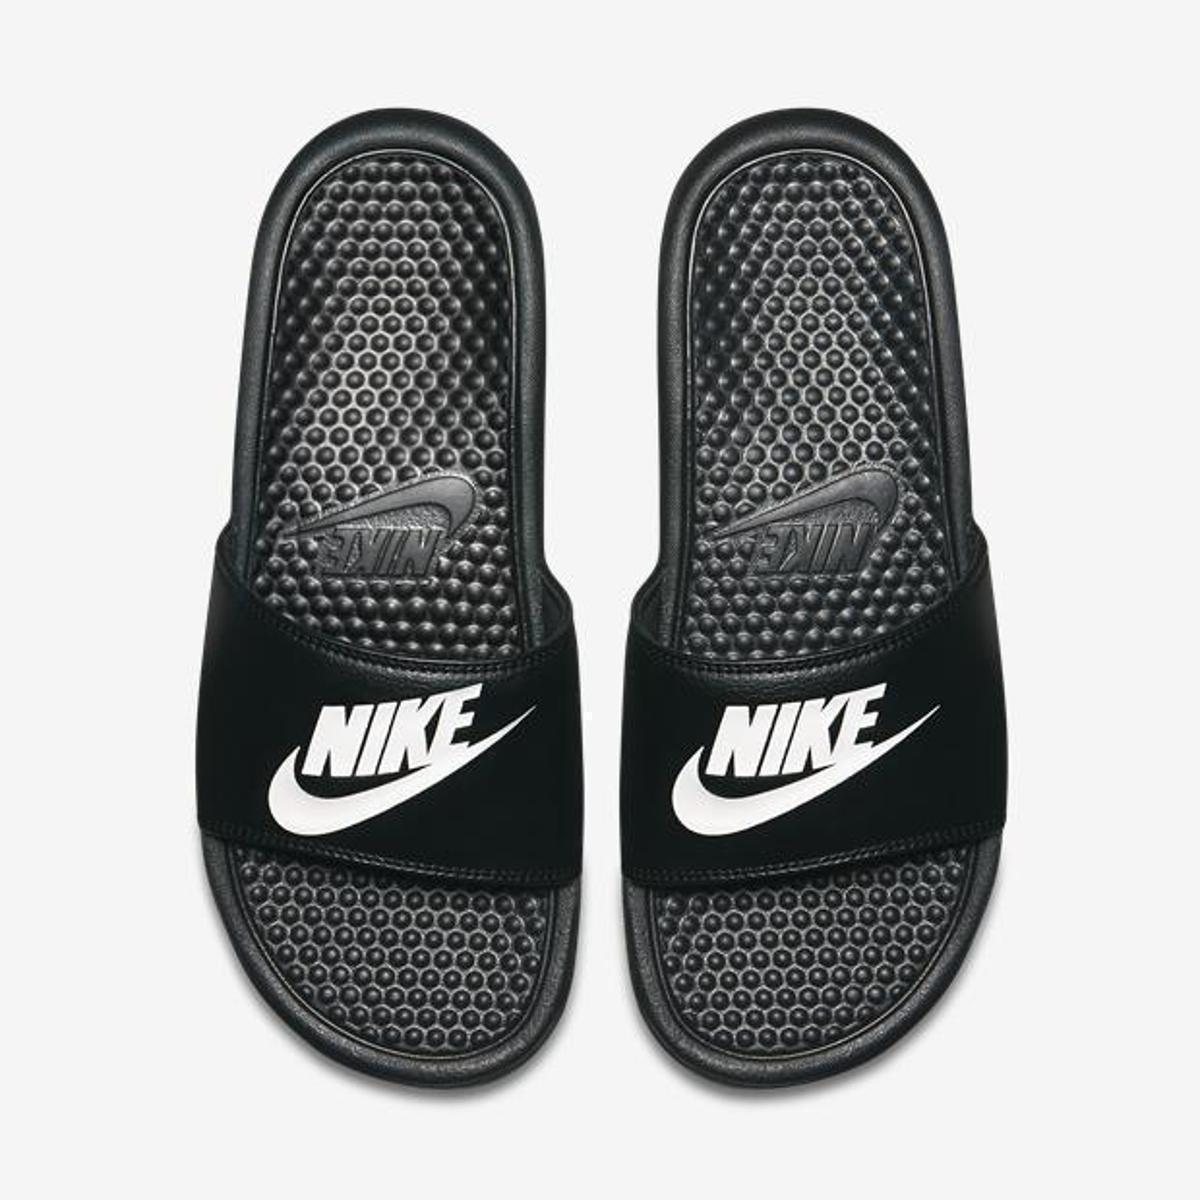 029decb059 Sandália Nike Benassi JDI Masculina - Preto e Branco - Compre Agora ...